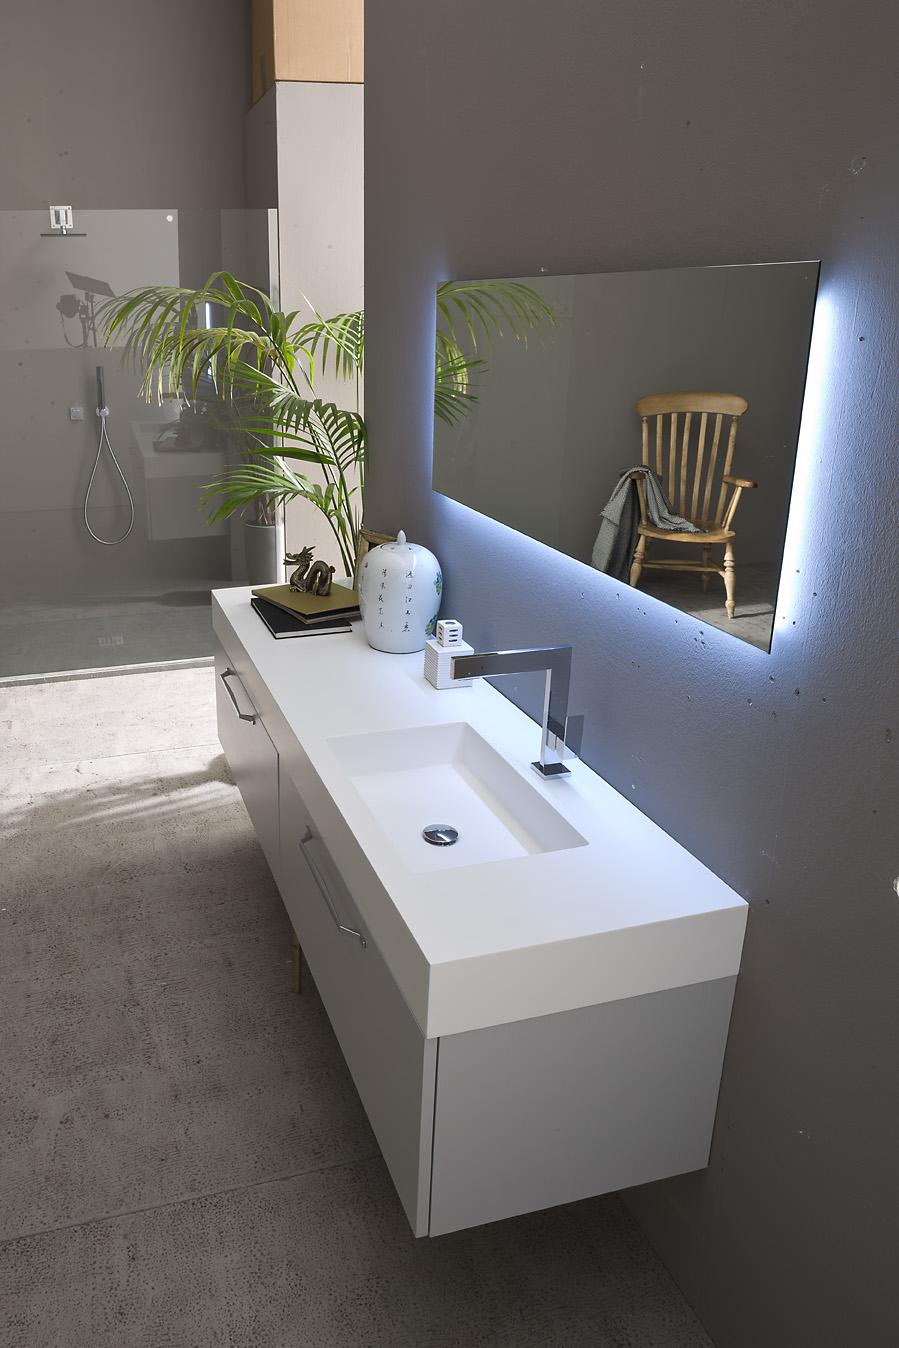 Nymphea sp cialiste de la salle de bain cl en main for Specialiste de salle de bain